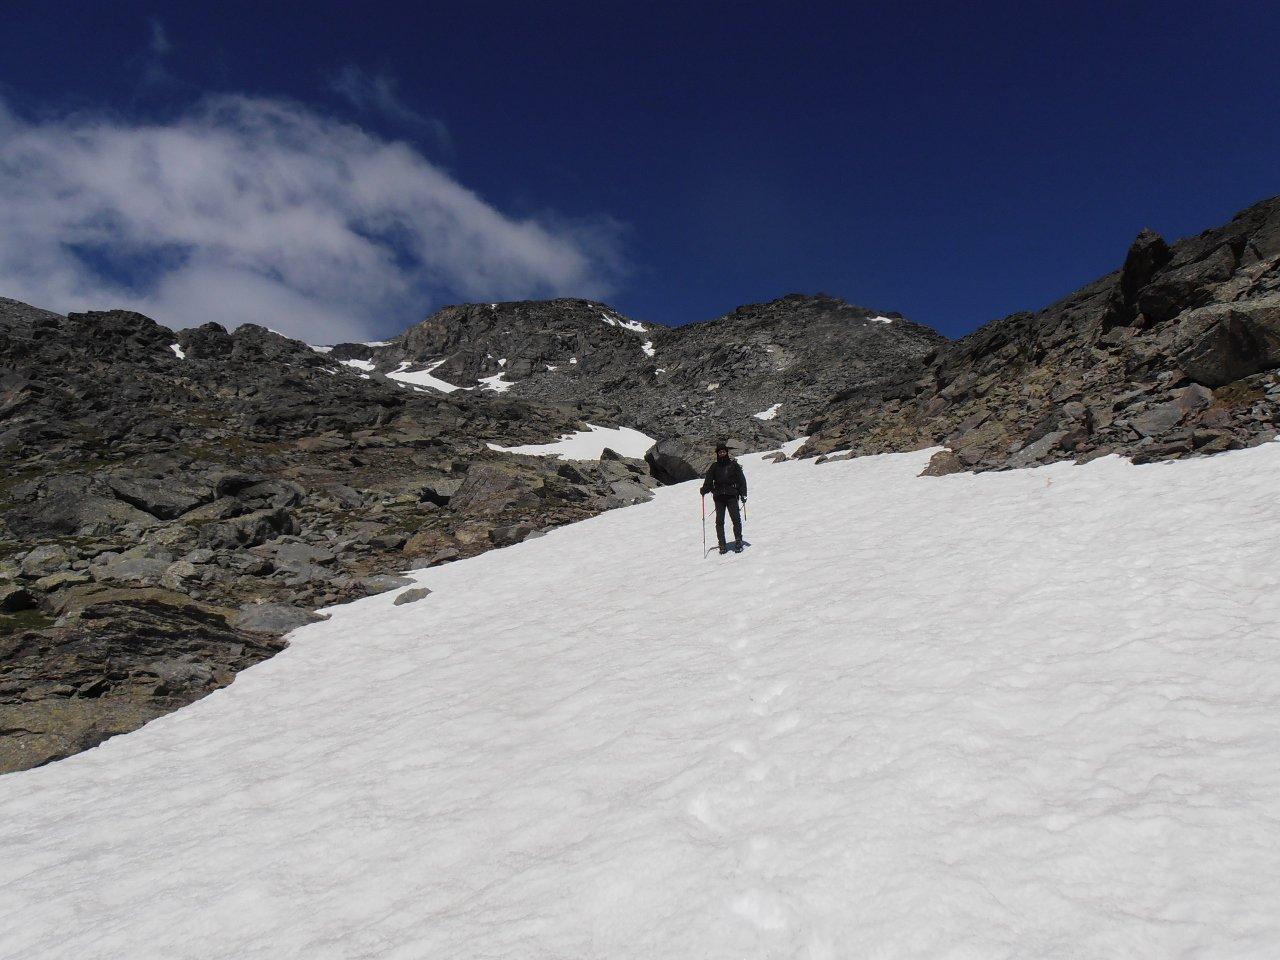 04 - prima lingua di neve poco sopra la Capanna Vacca